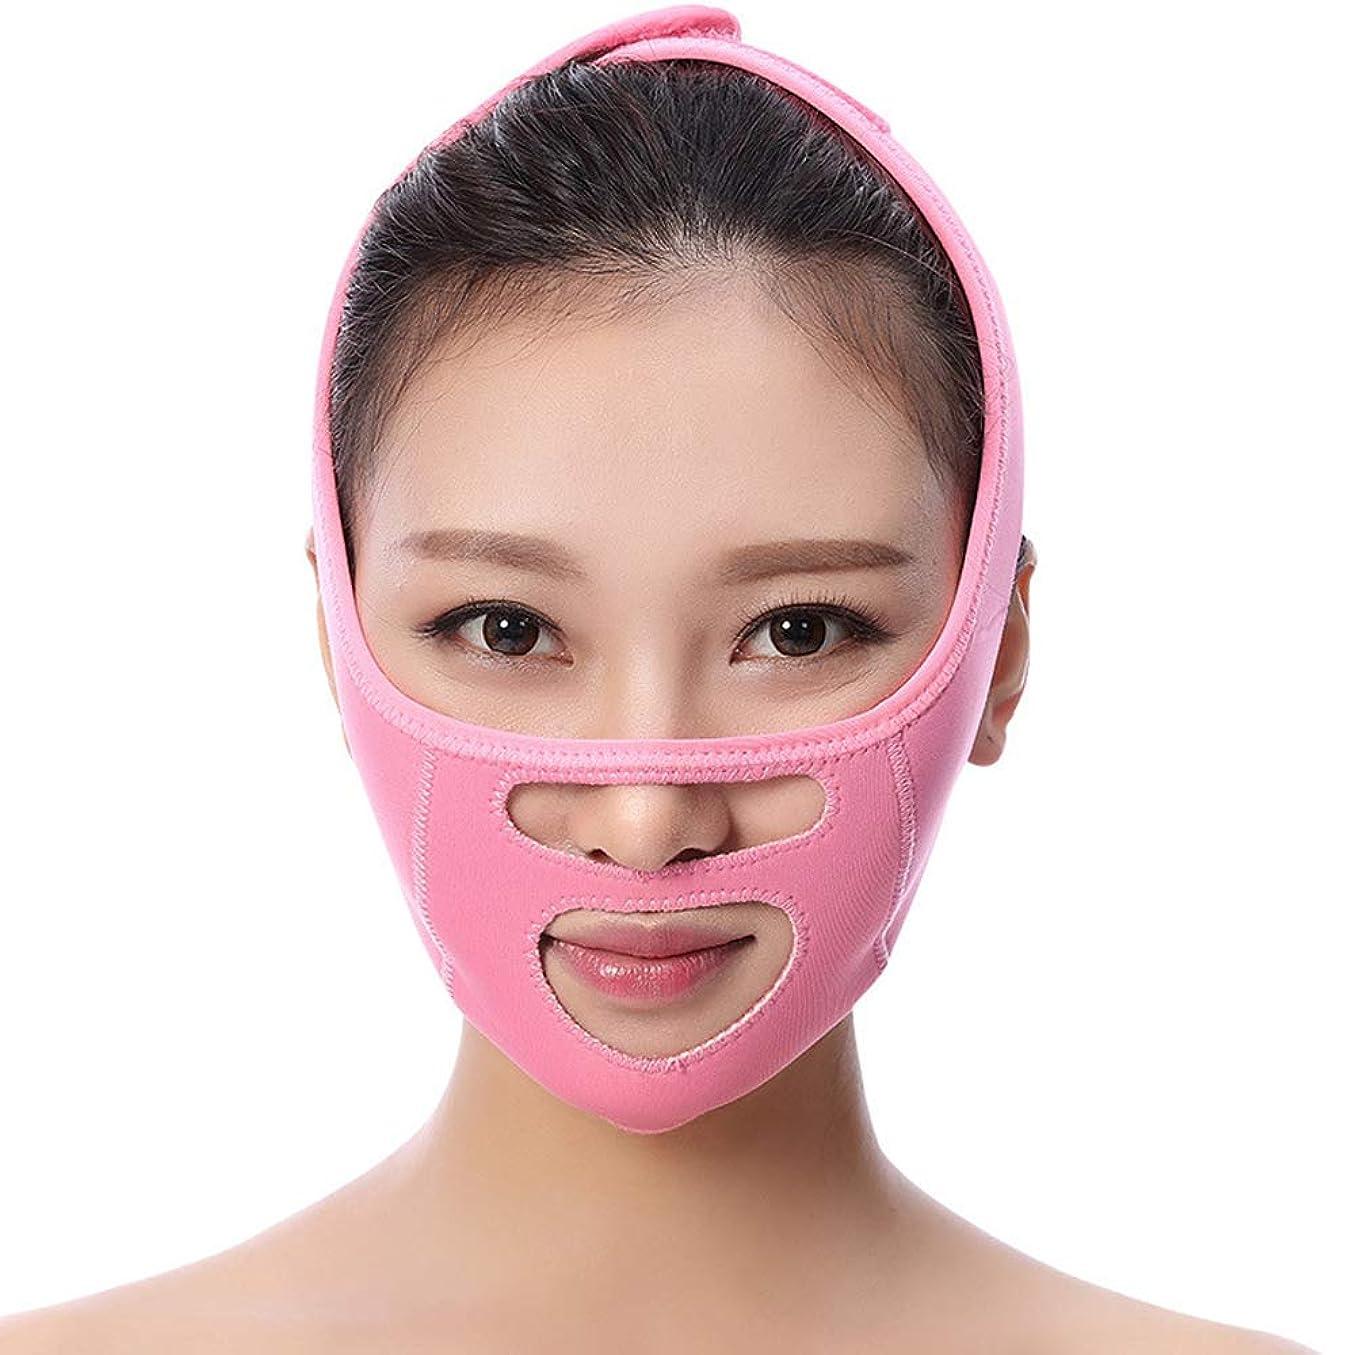 量修羅場主にフェイスリフトマスク、睡眠薄型フェイスベルトリフティングパーマネントビューティーvフェイスバンデージダブルチンアーチファクト,Pink